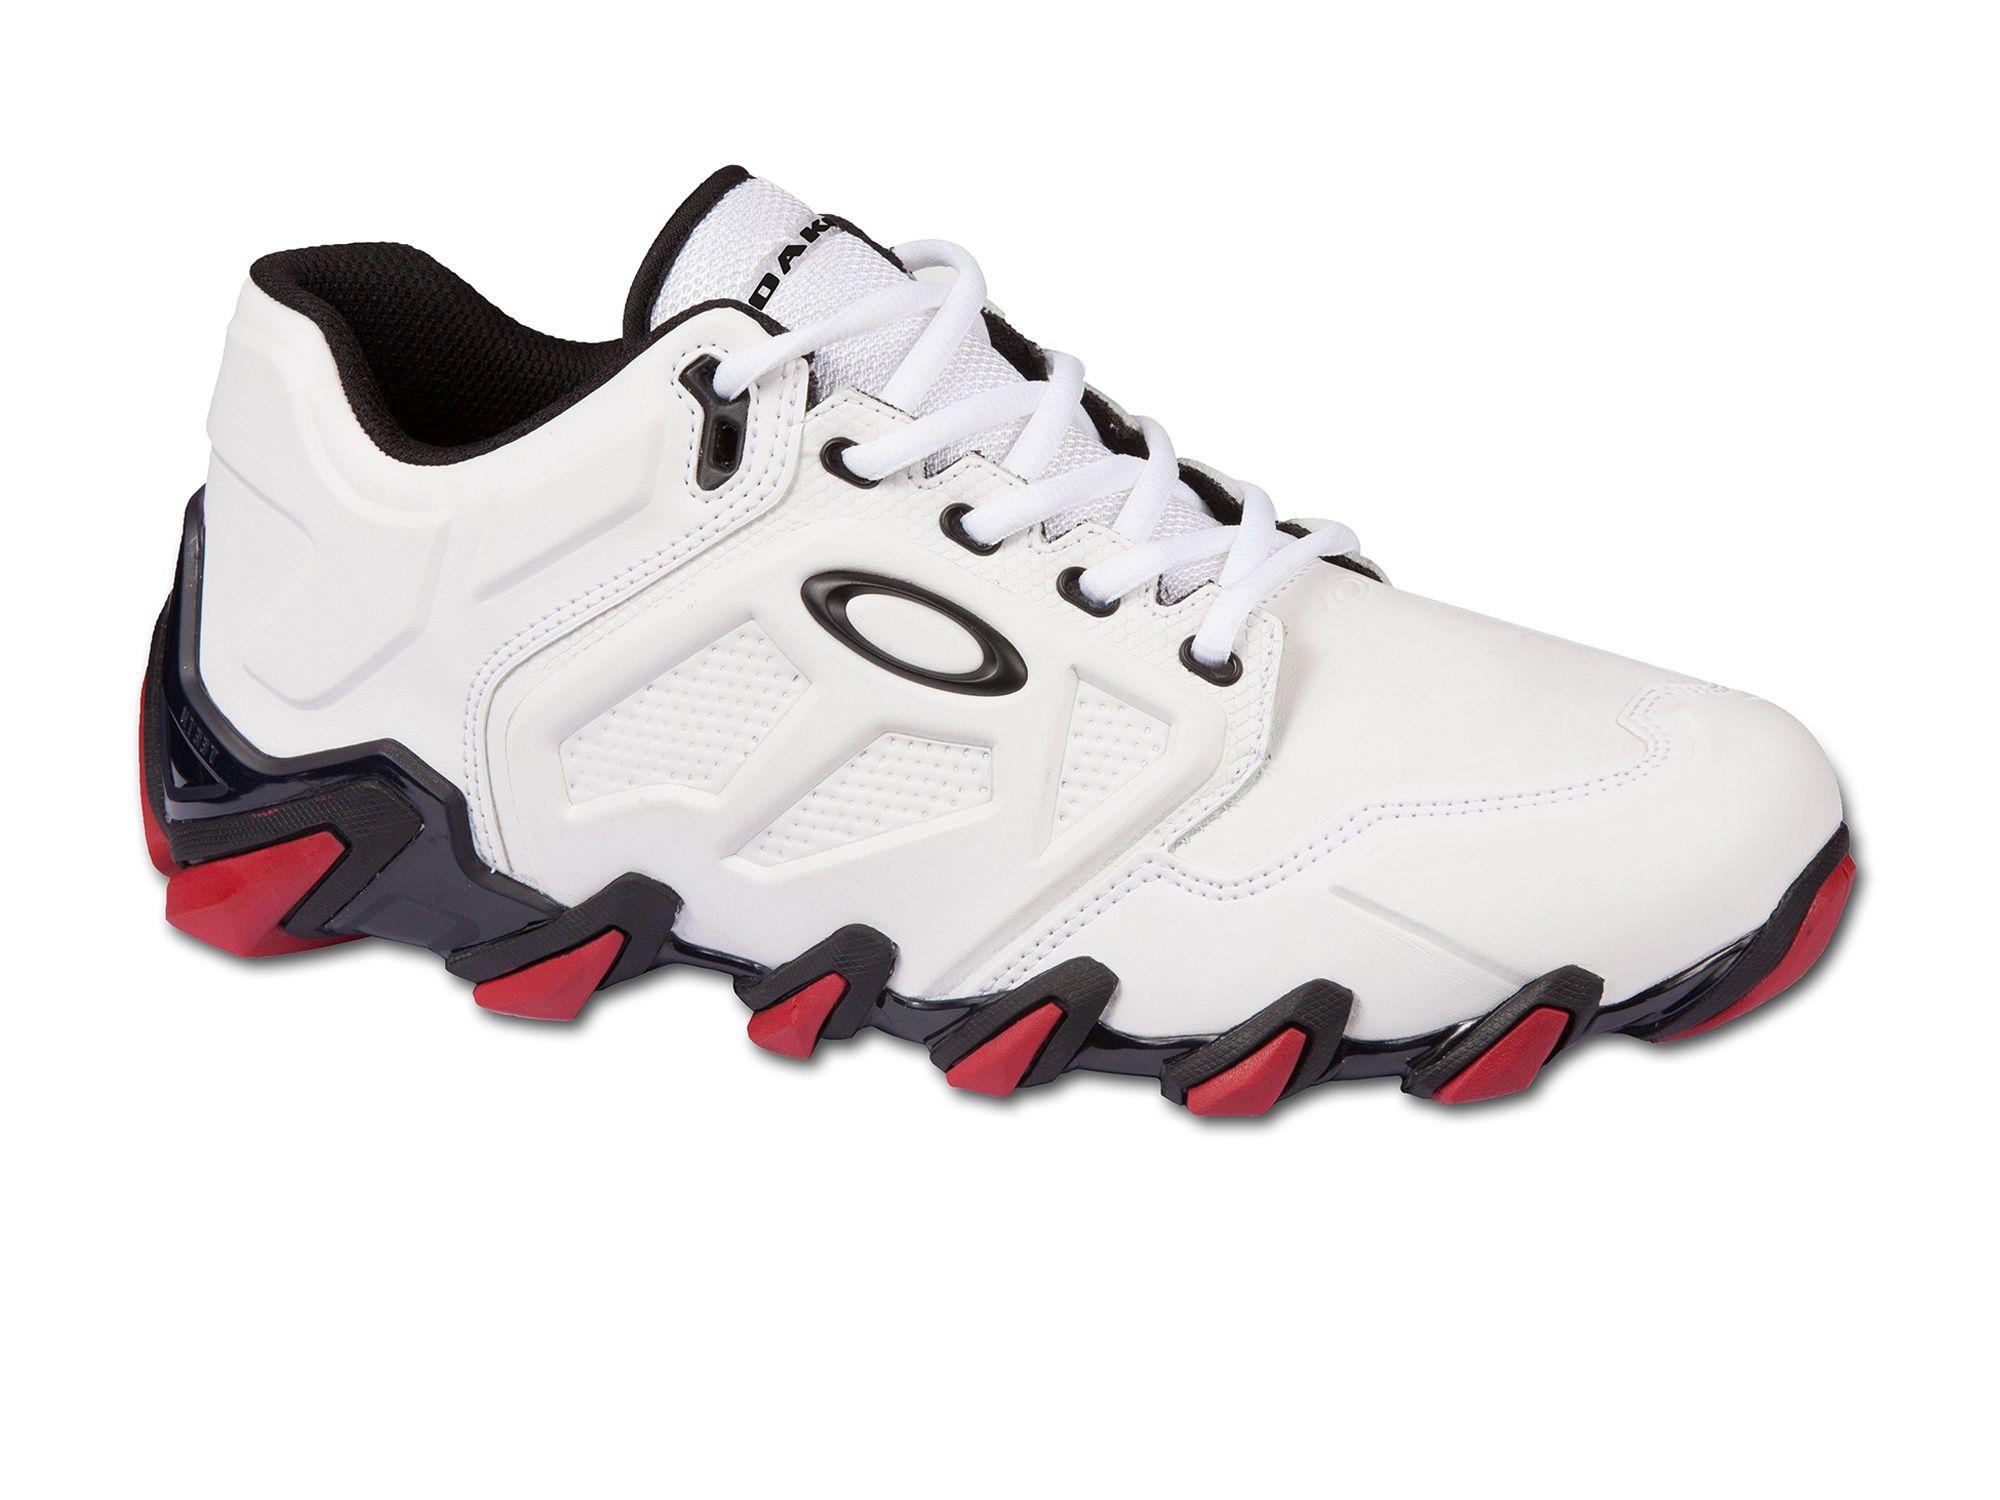 3617dbc66 Resultado de imagem para bota da oakley feminina | Coisas para ...